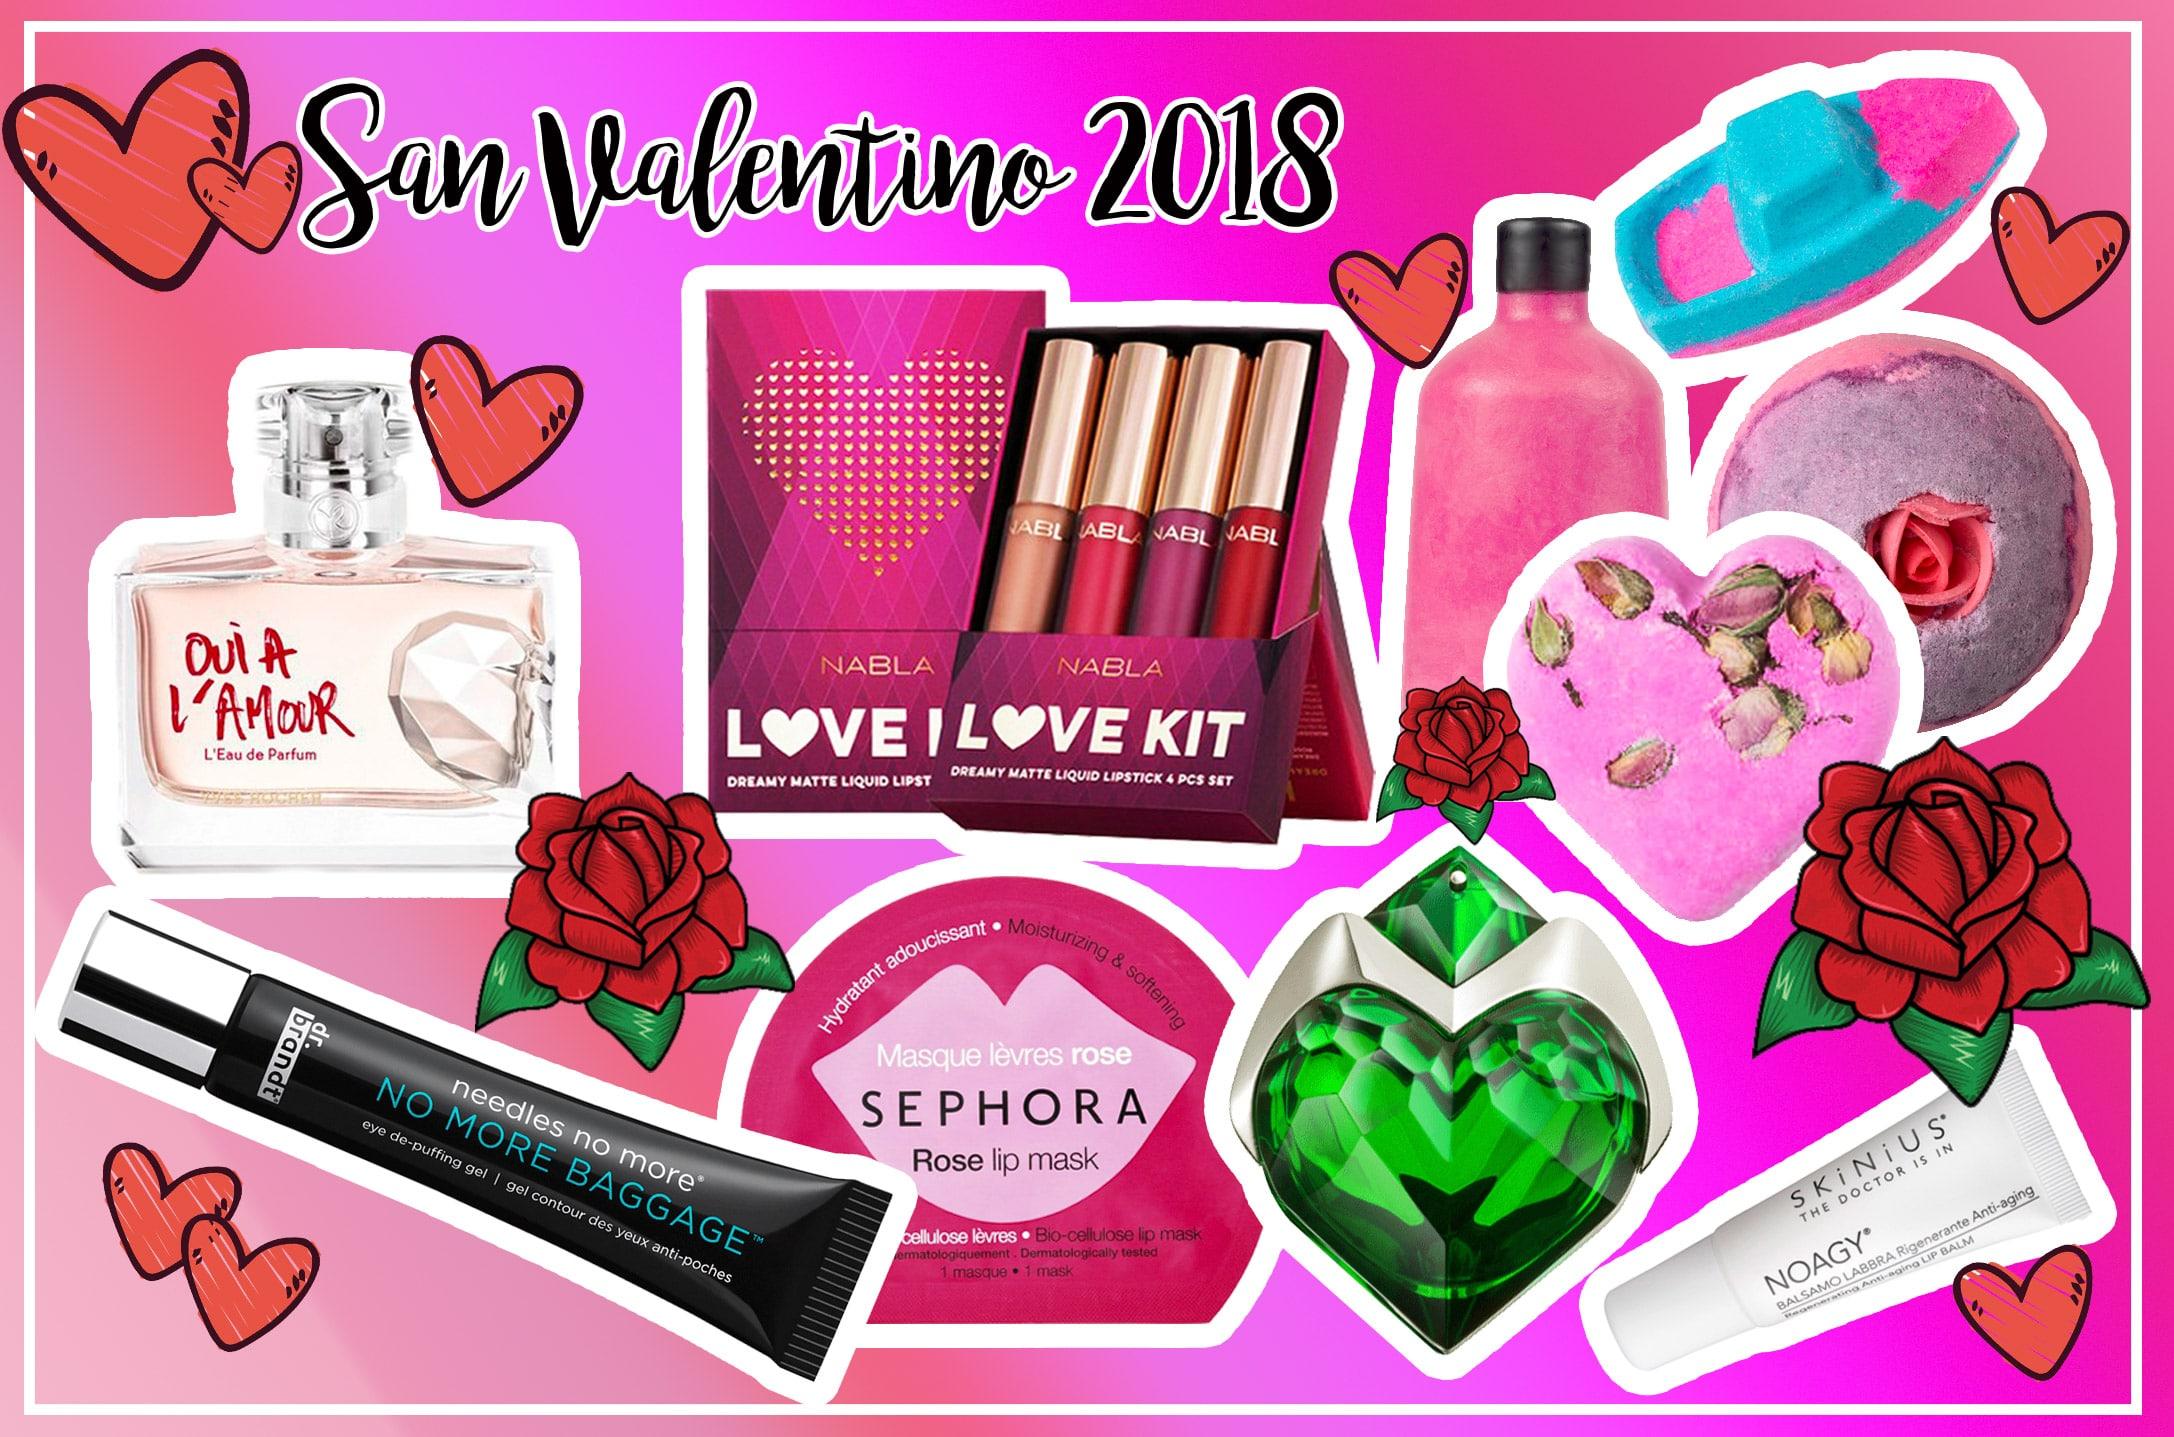 San Valentino 2018, idee regalo beauty e make up, prezzi e consigli